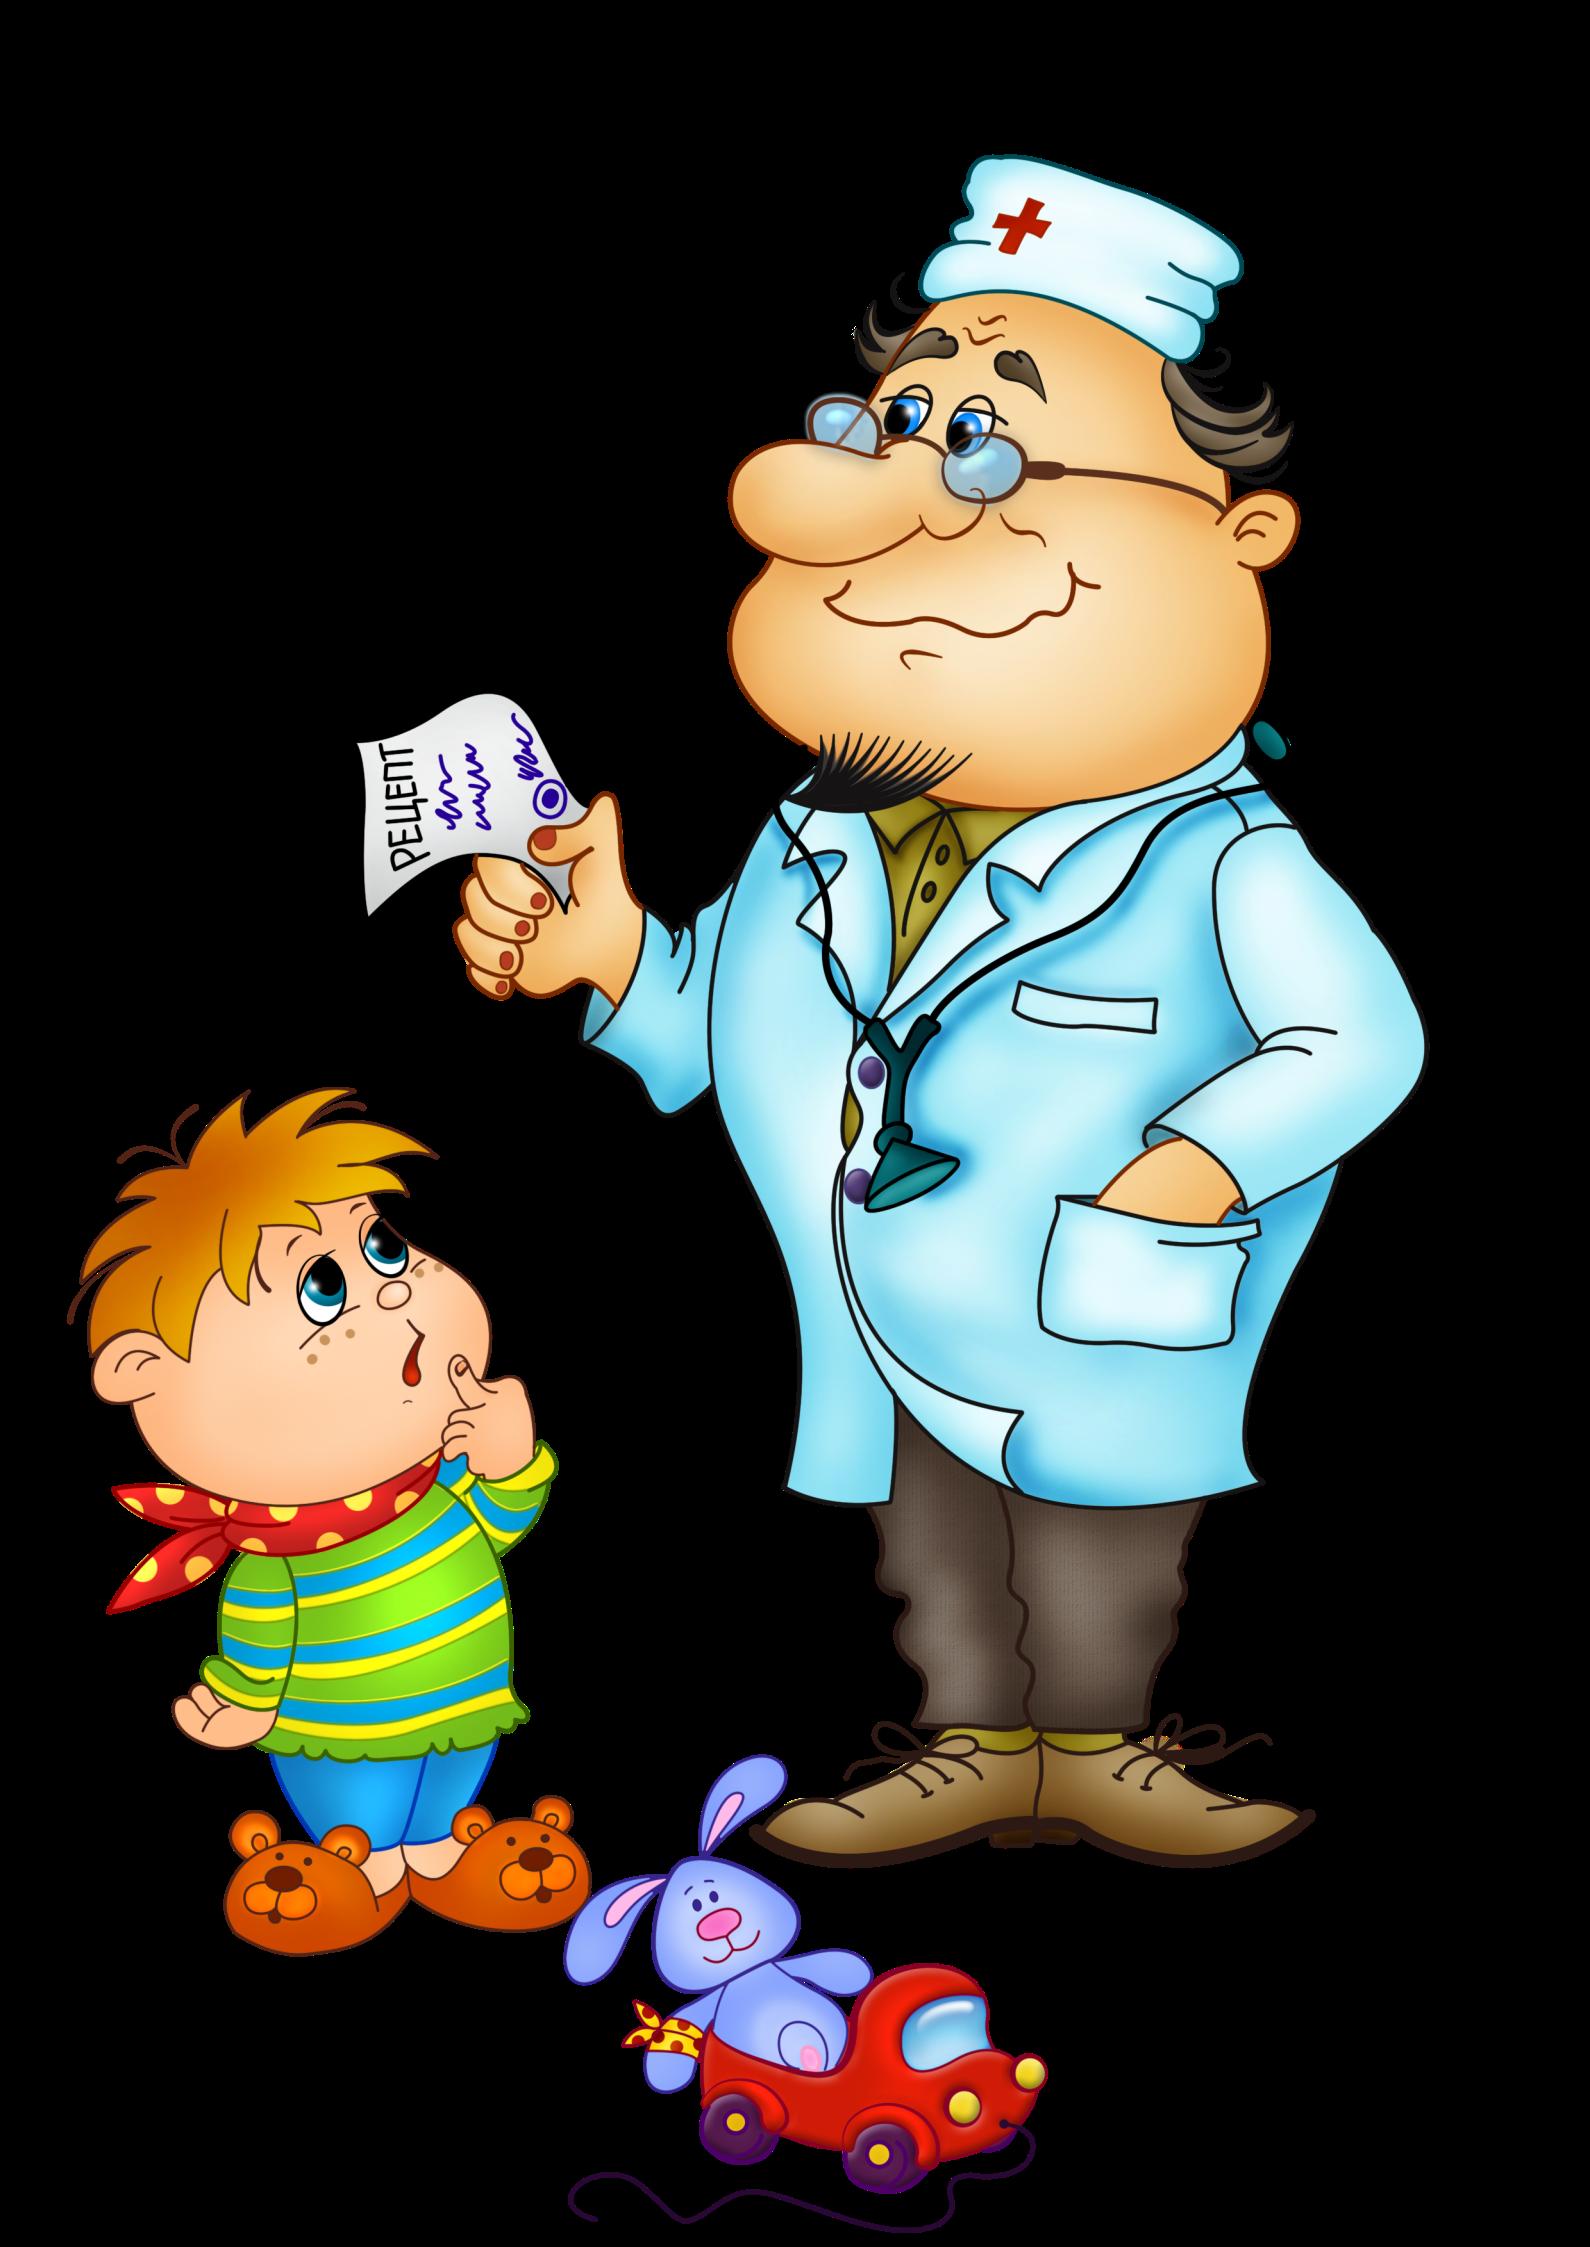 Картинки про, картинки здоровья для детей на прозрачном фоне